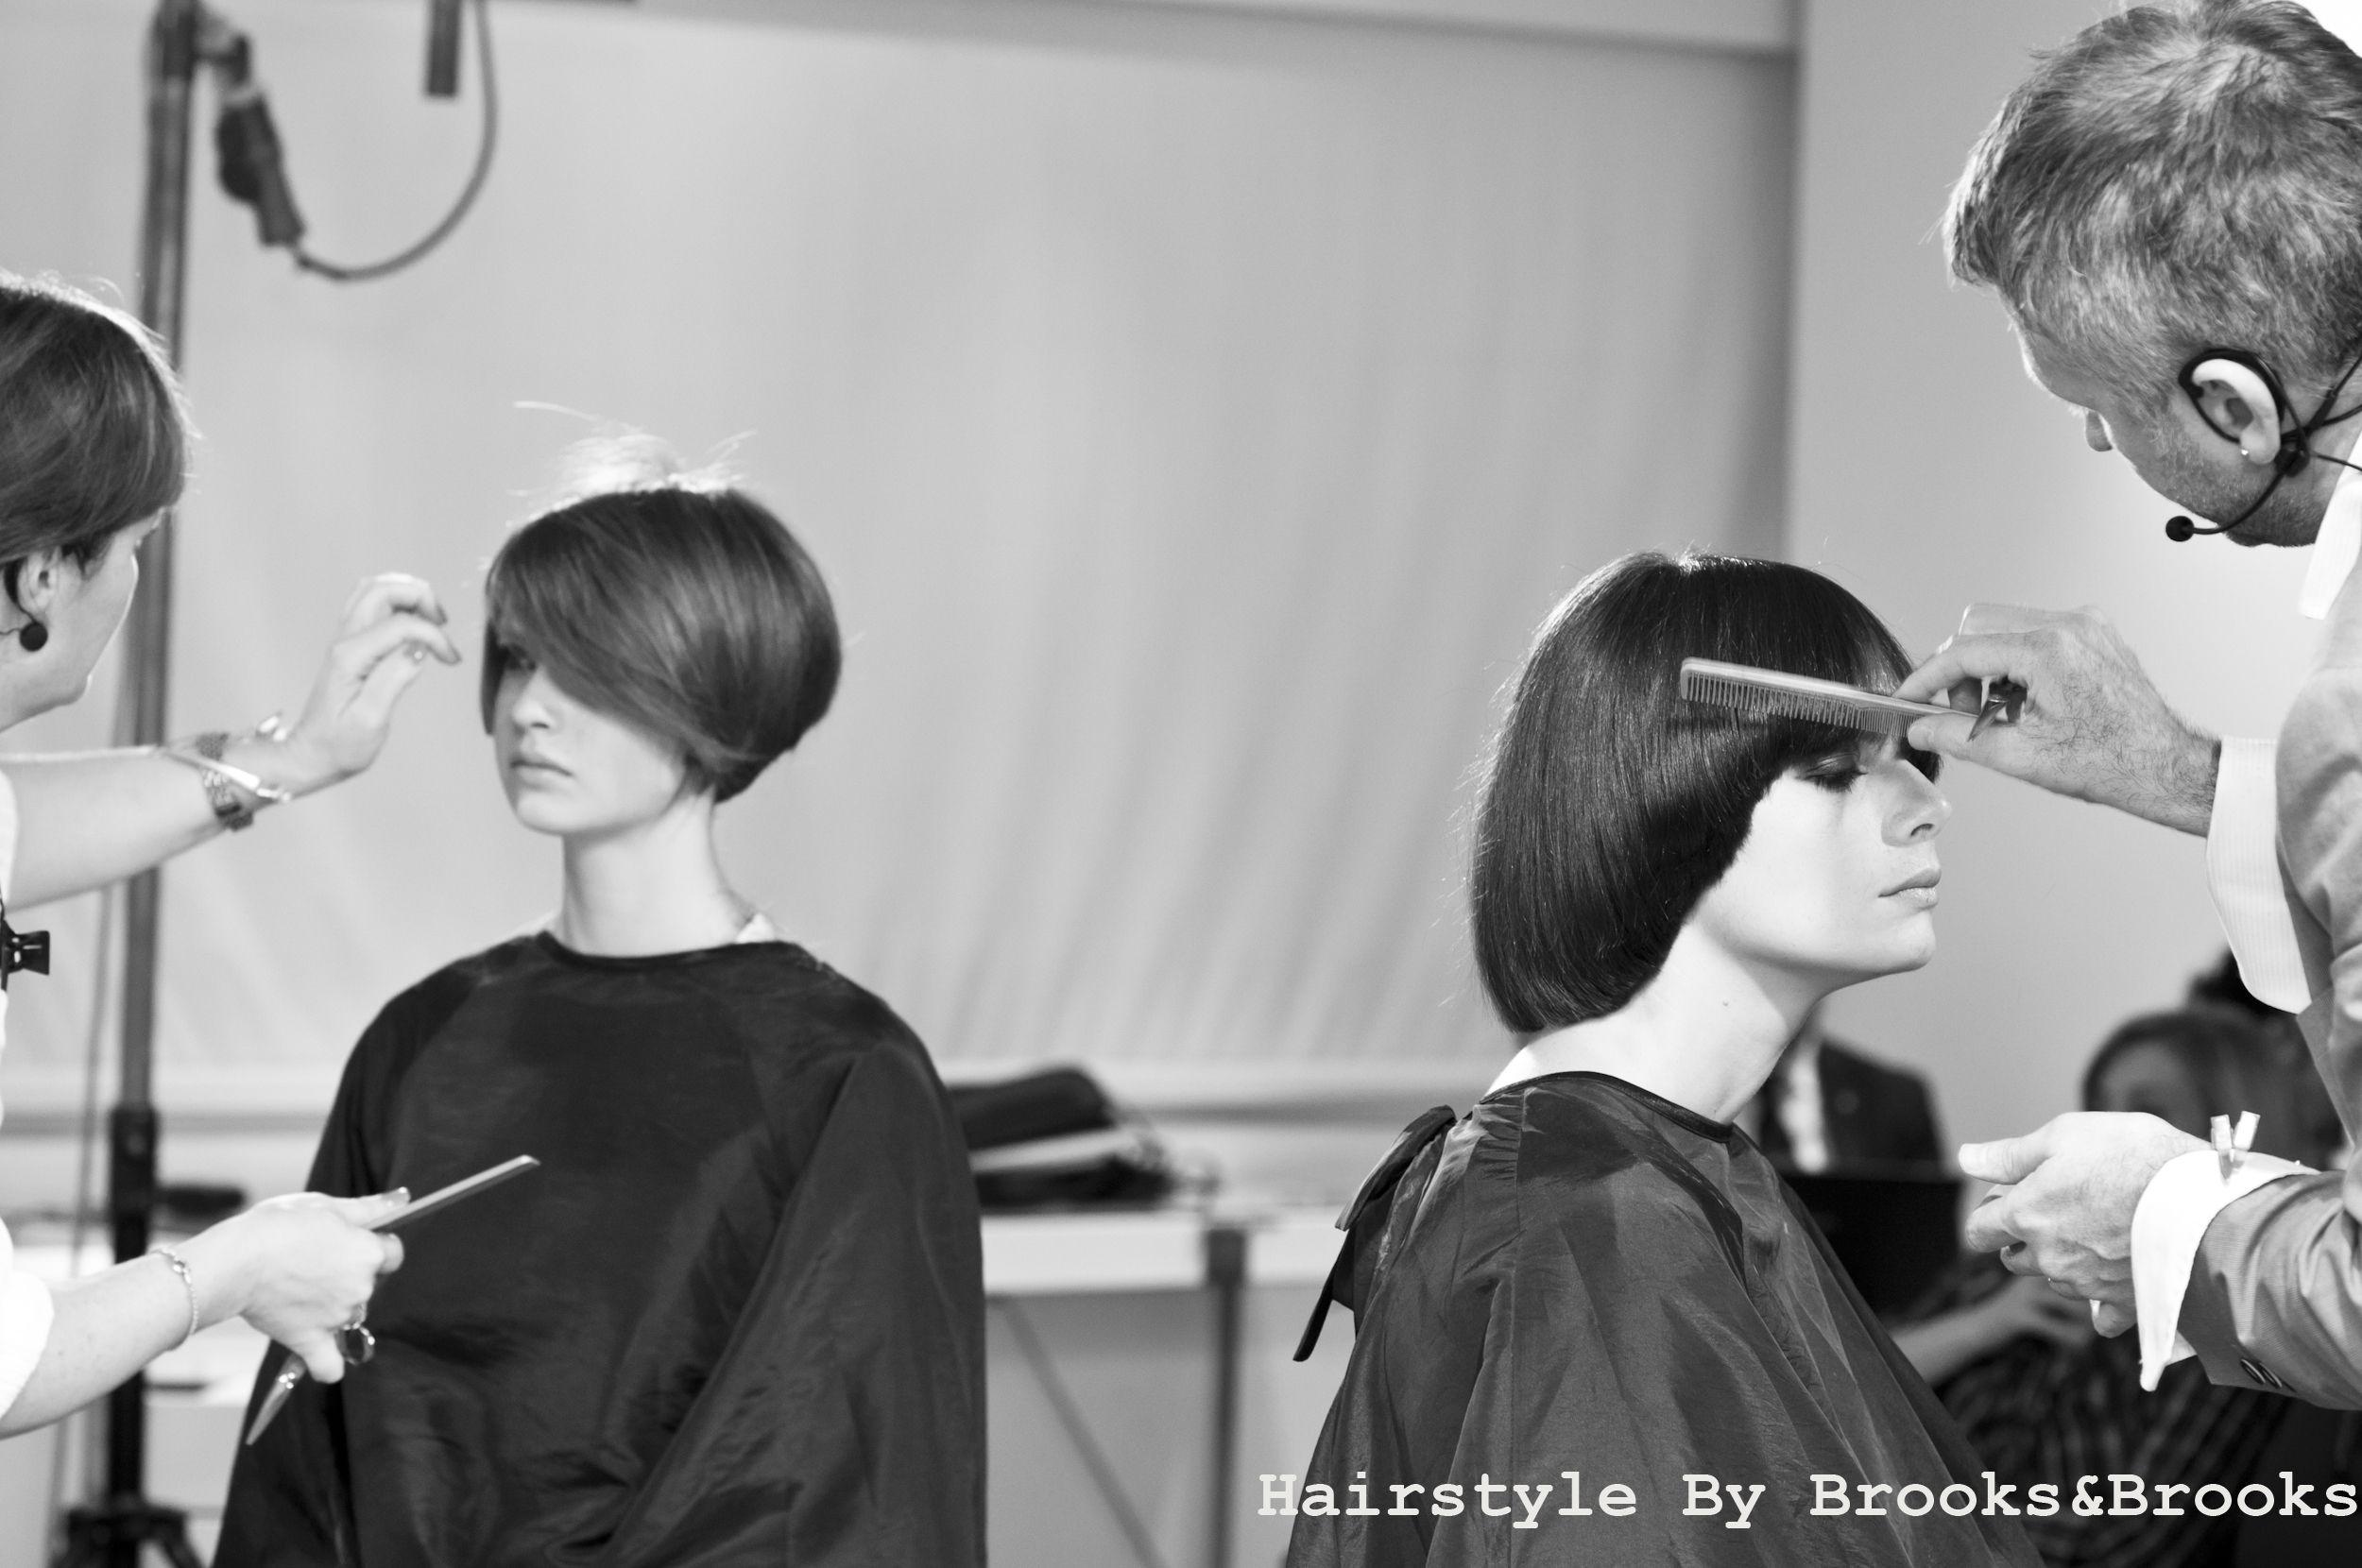 Tra i tagli di #tendenza in questo periodo c'è il #caschetto… vi piace? #hairstyle - Entre los peinados de #tendencia en este periodo se encuentra la #melena a la garcon… ¿Les gusta? #hairstyle - #Bobs are among the current #trendy cuts… like it ? #hairstyle